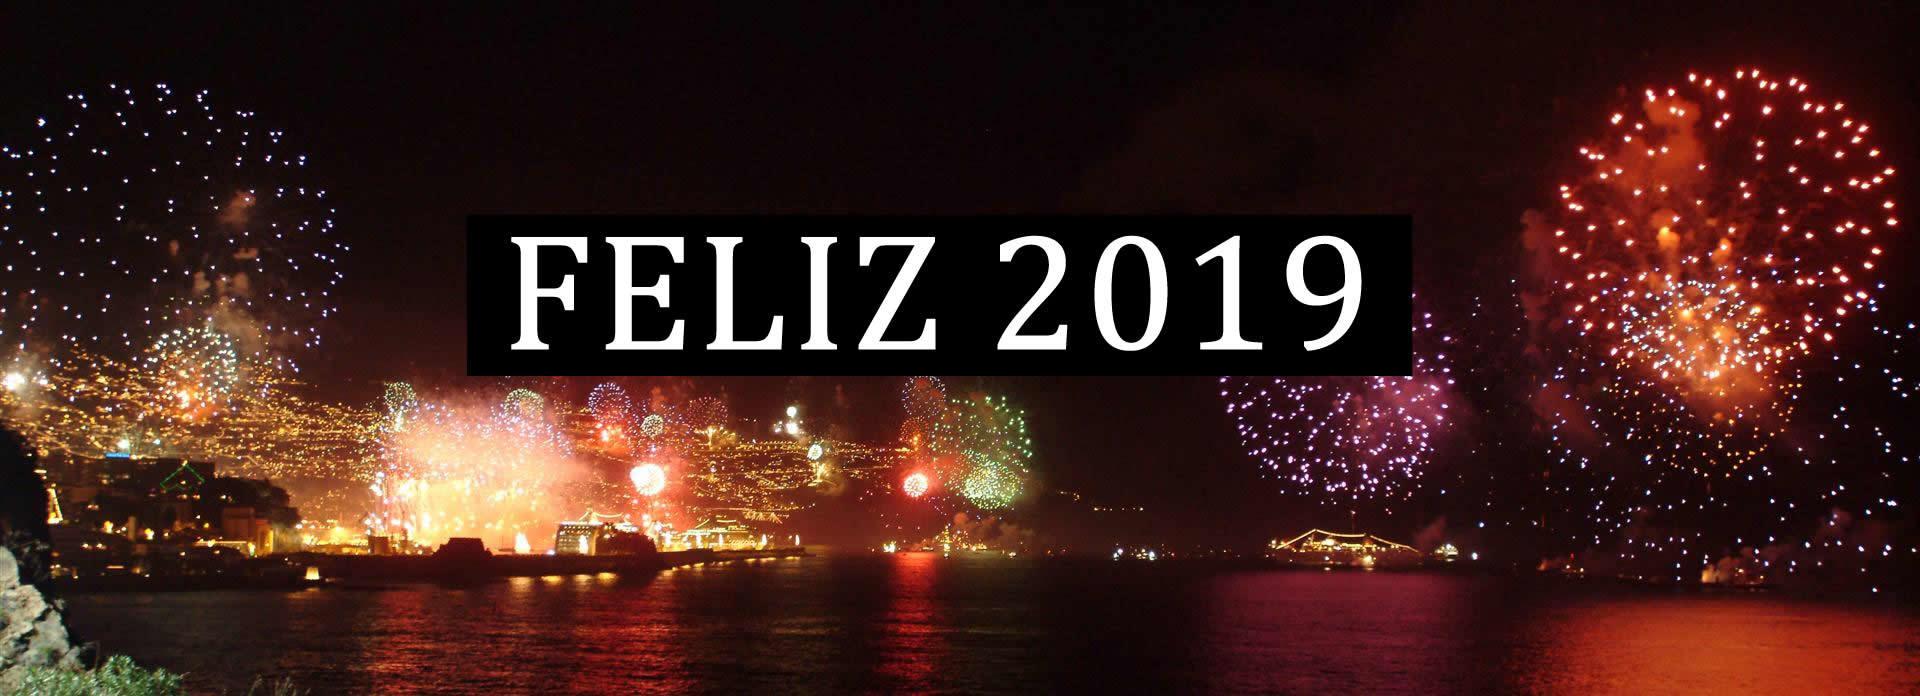 Feliz 2019 Frases E Imagens